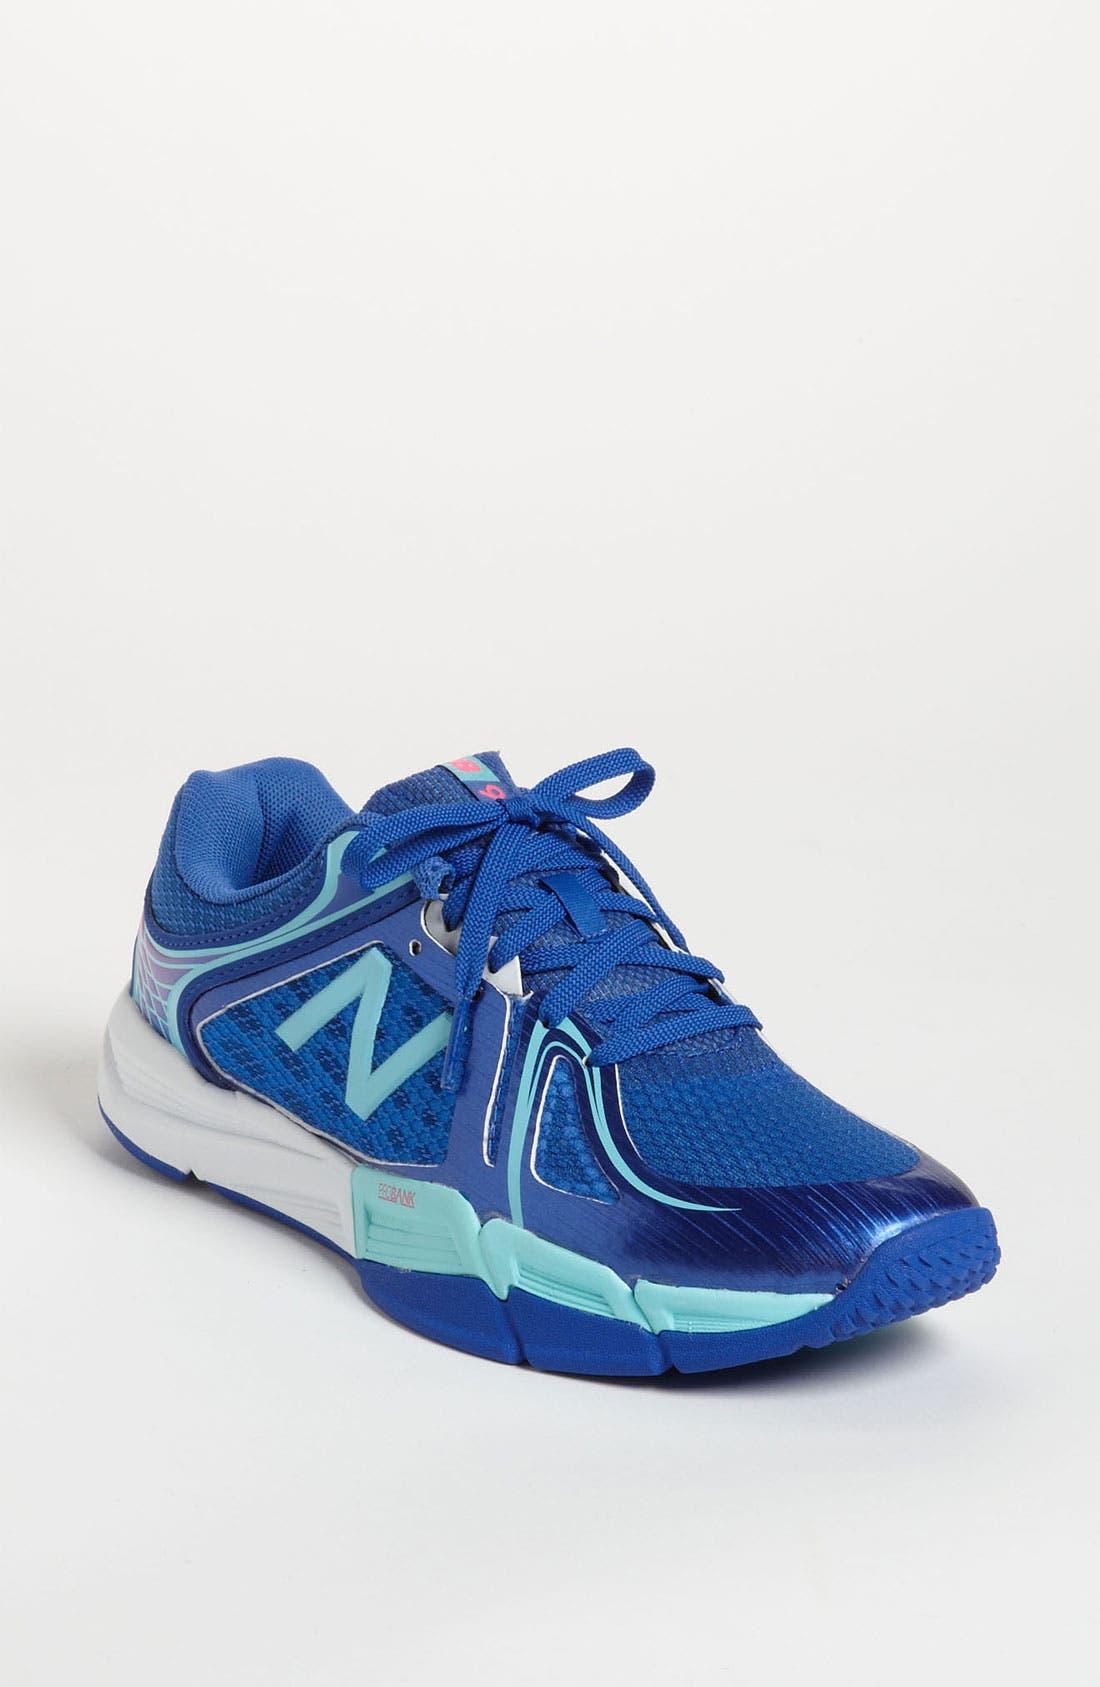 Alternate Image 1 Selected - New Balance 'Probank 997' Training Shoe